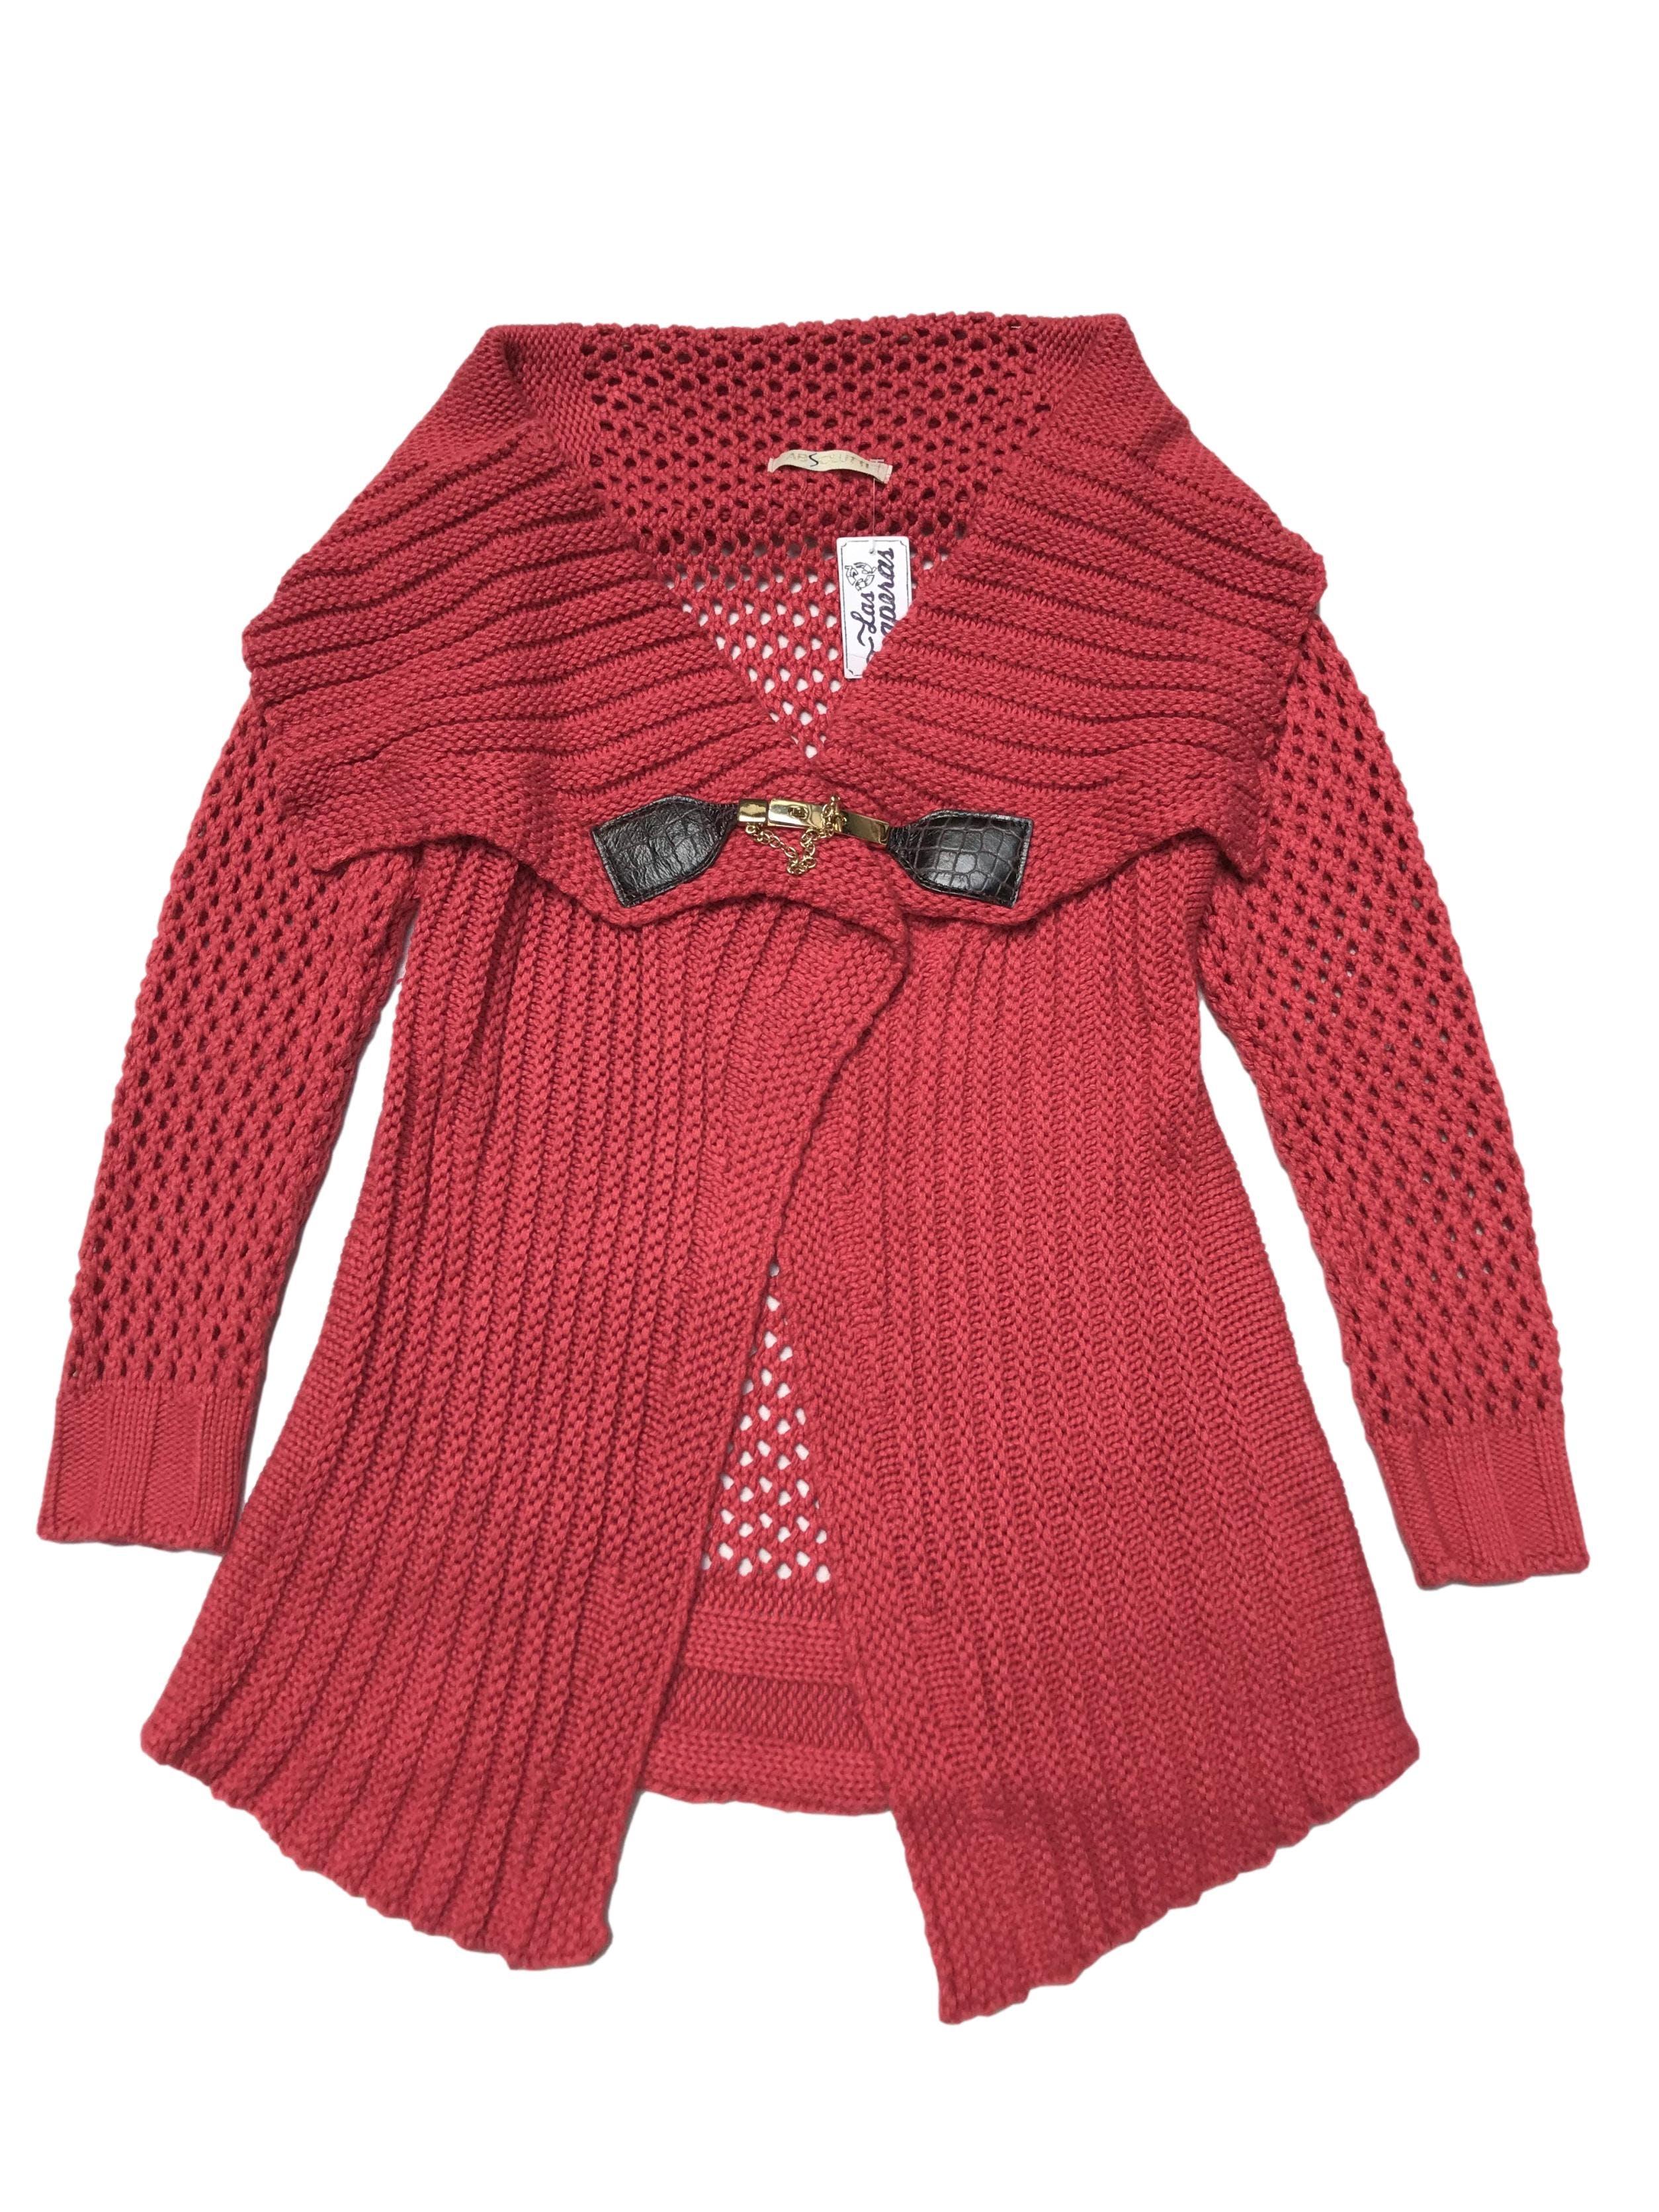 Cardigan asimétrico tejido en dos puntos, cuello vueto y broche dorado al centro. Largo: 80 cm